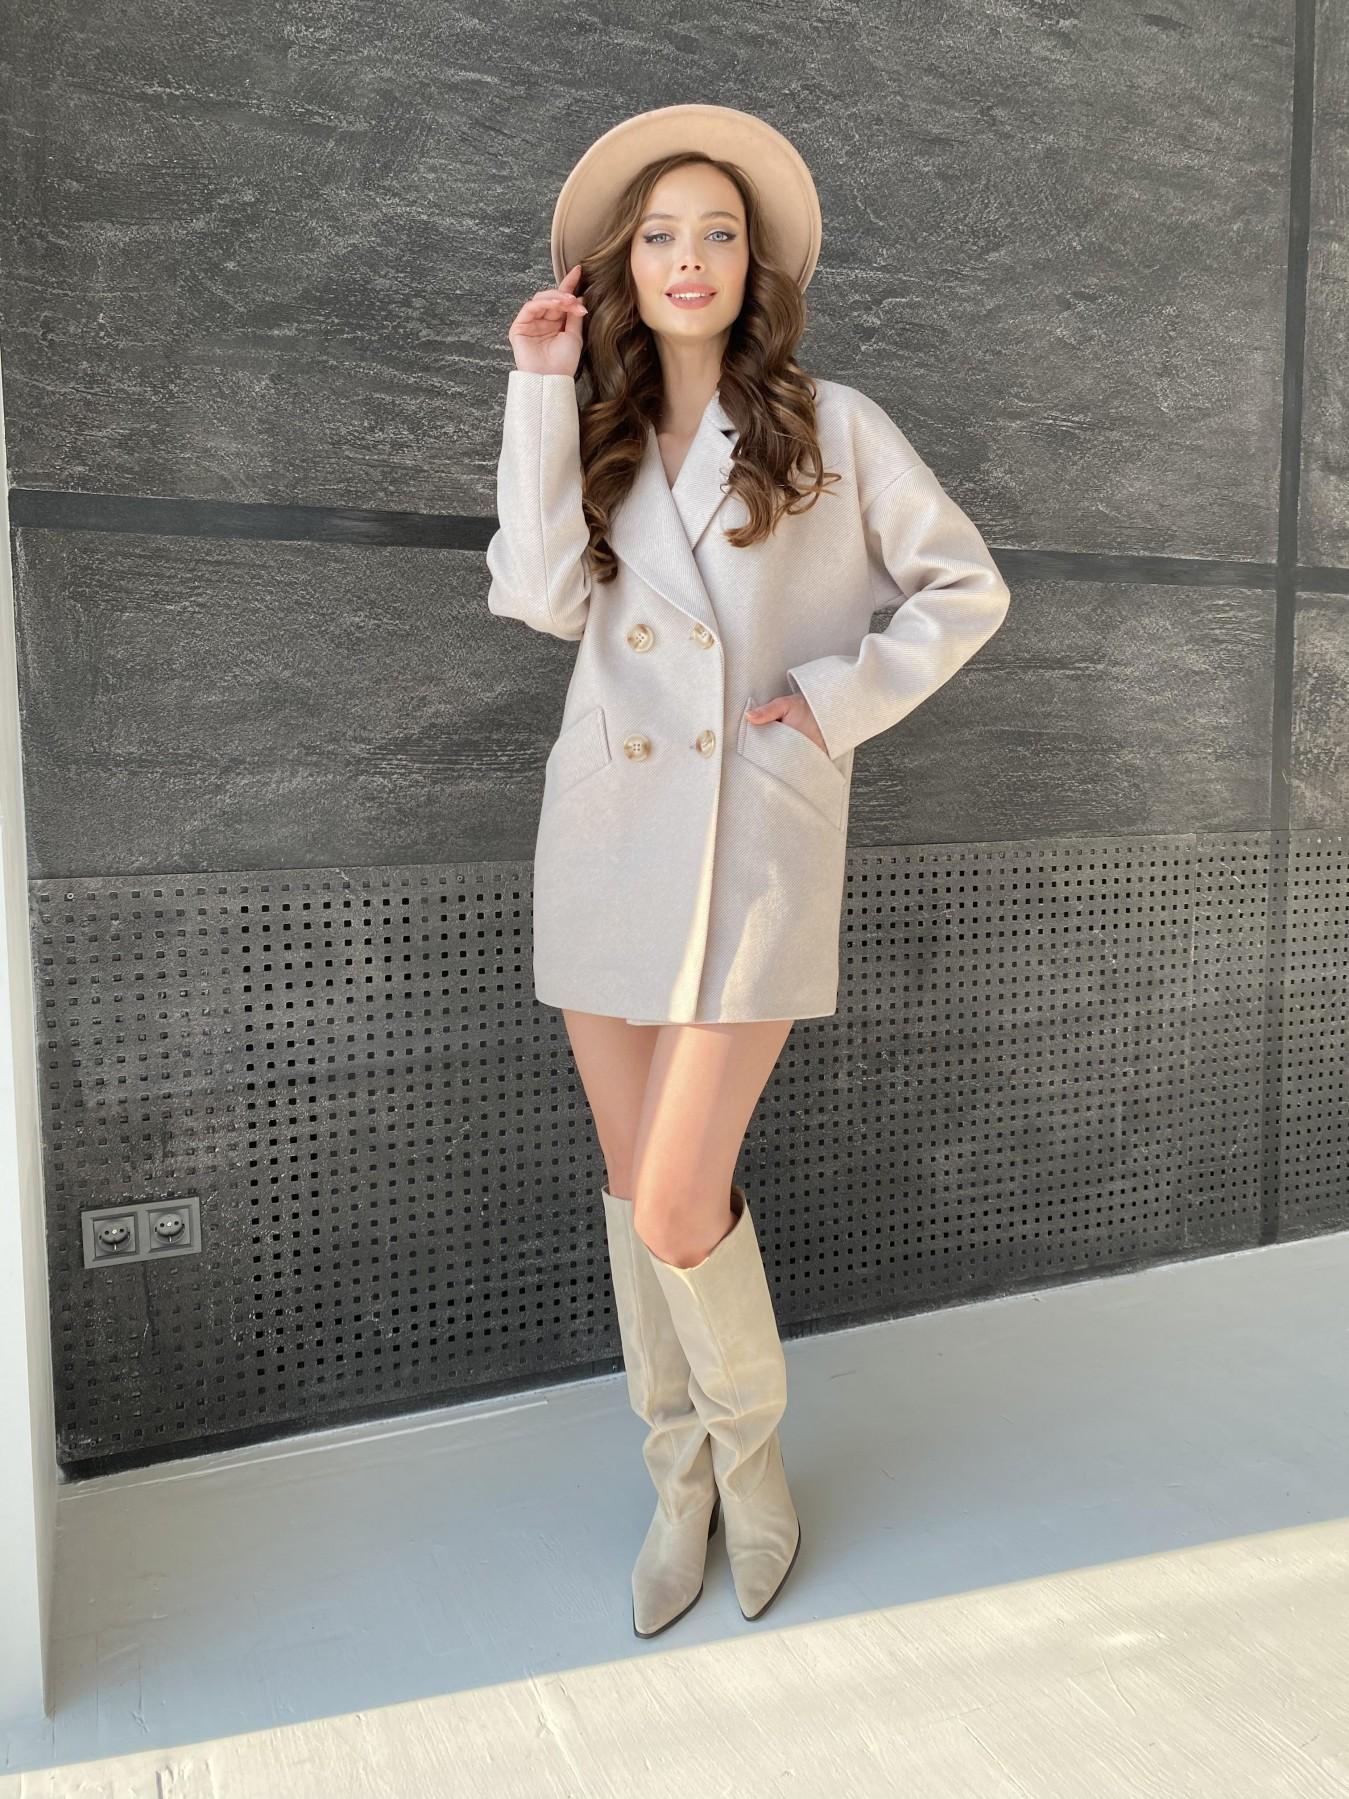 Бонд Диагональ пальто из пальтовой ткани  10757 АРТ. 47189 Цвет: Бежевый - фото 1, интернет магазин tm-modus.ru